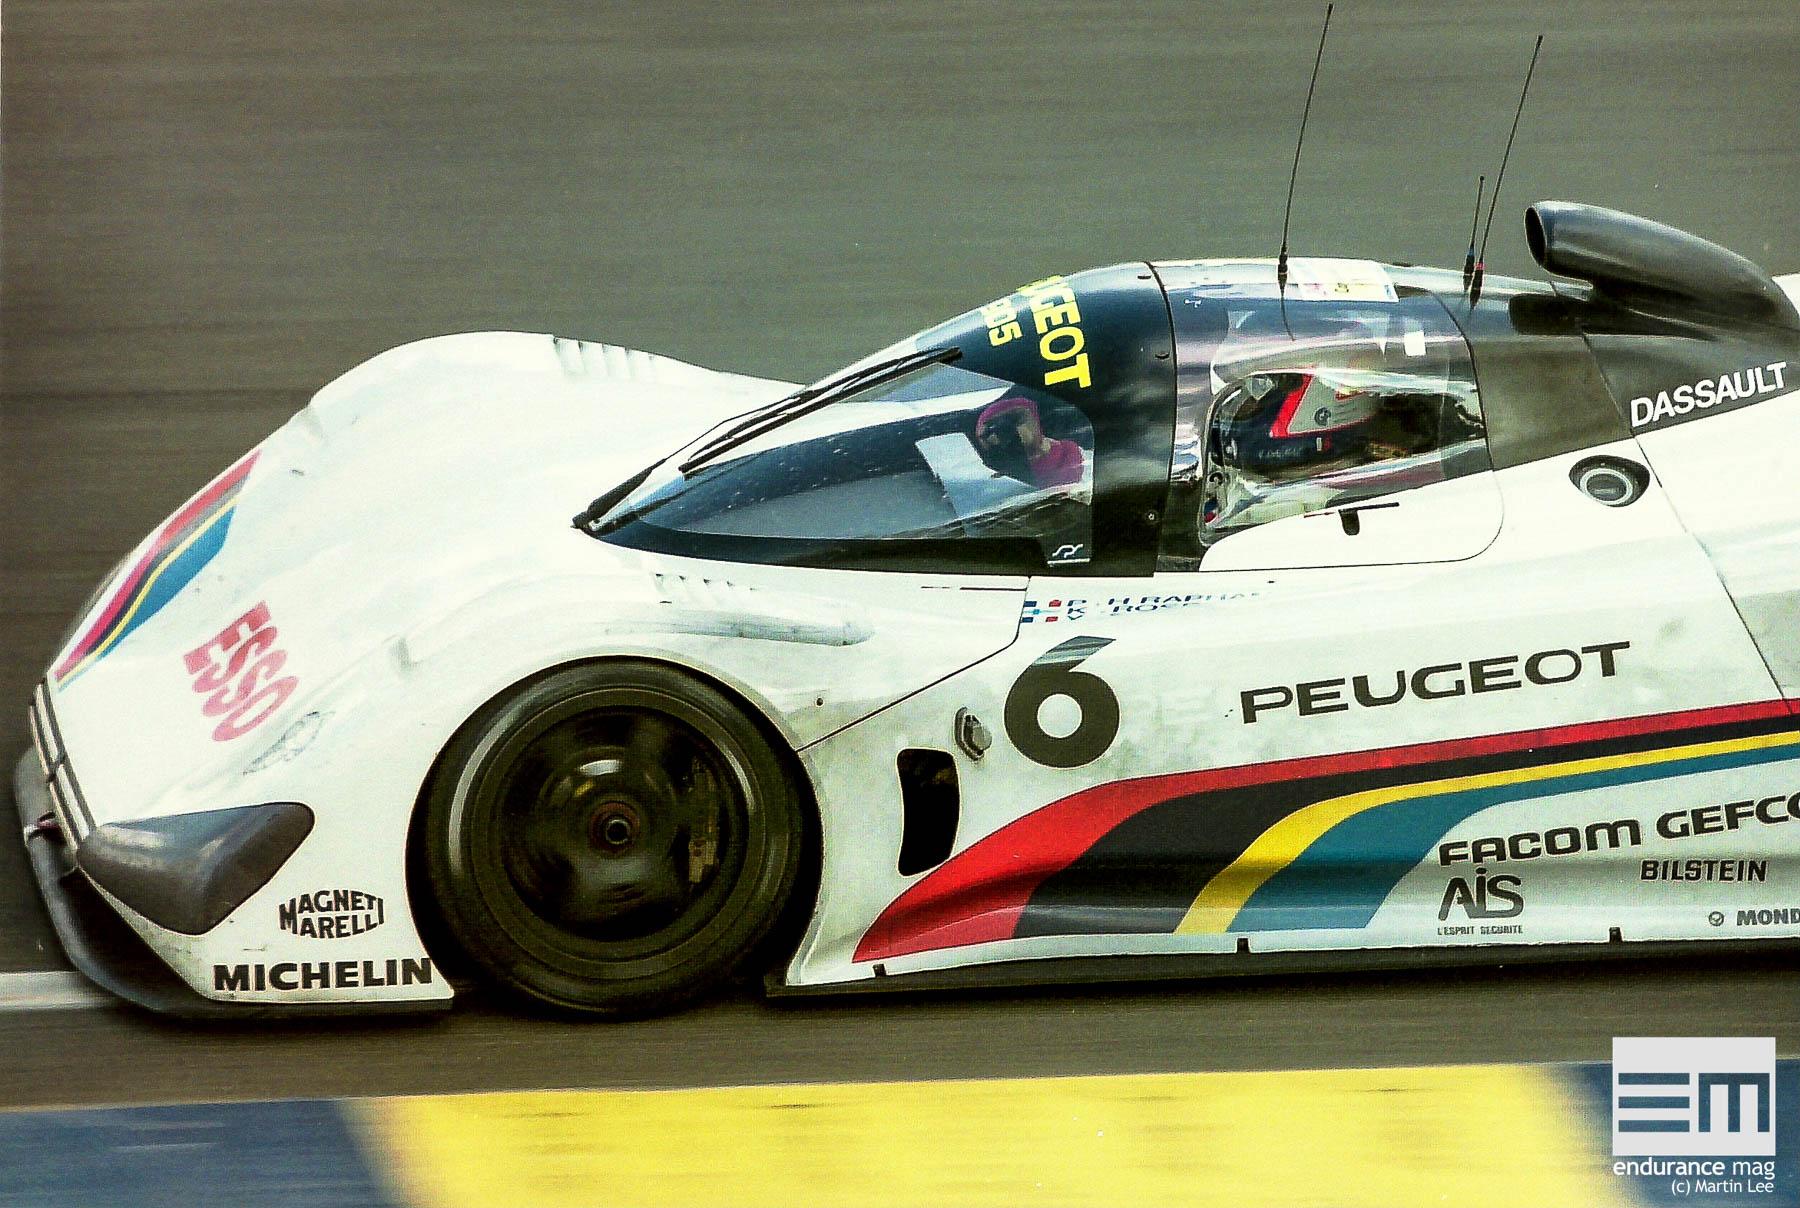 Peugeot au Mans : 1991, la découverte brutale